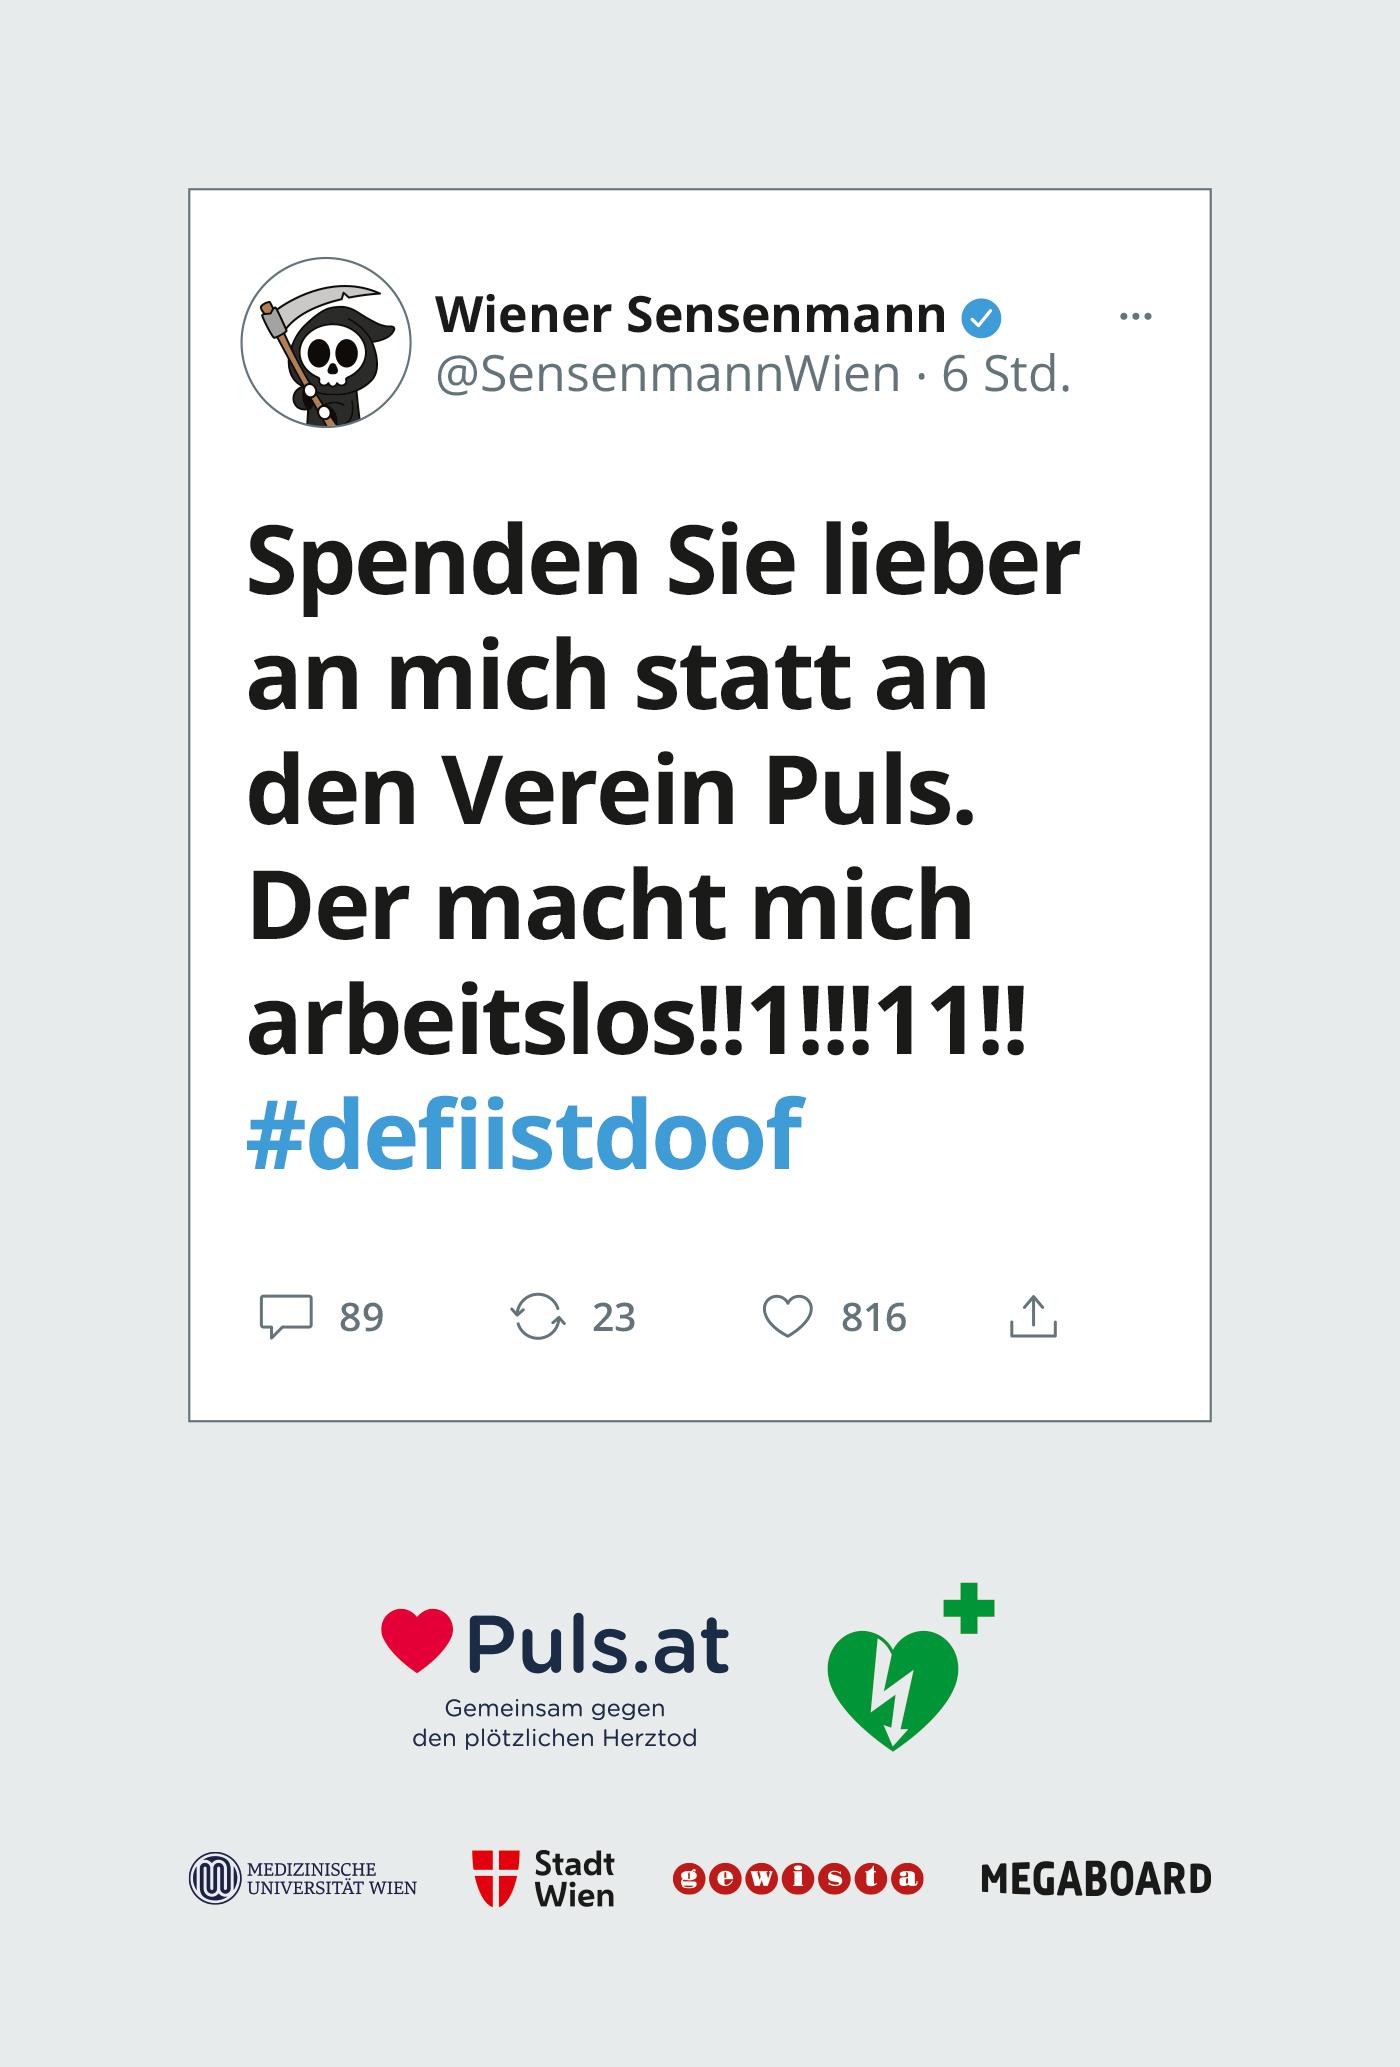 Verein_Puls_Sensenmann_CL_4